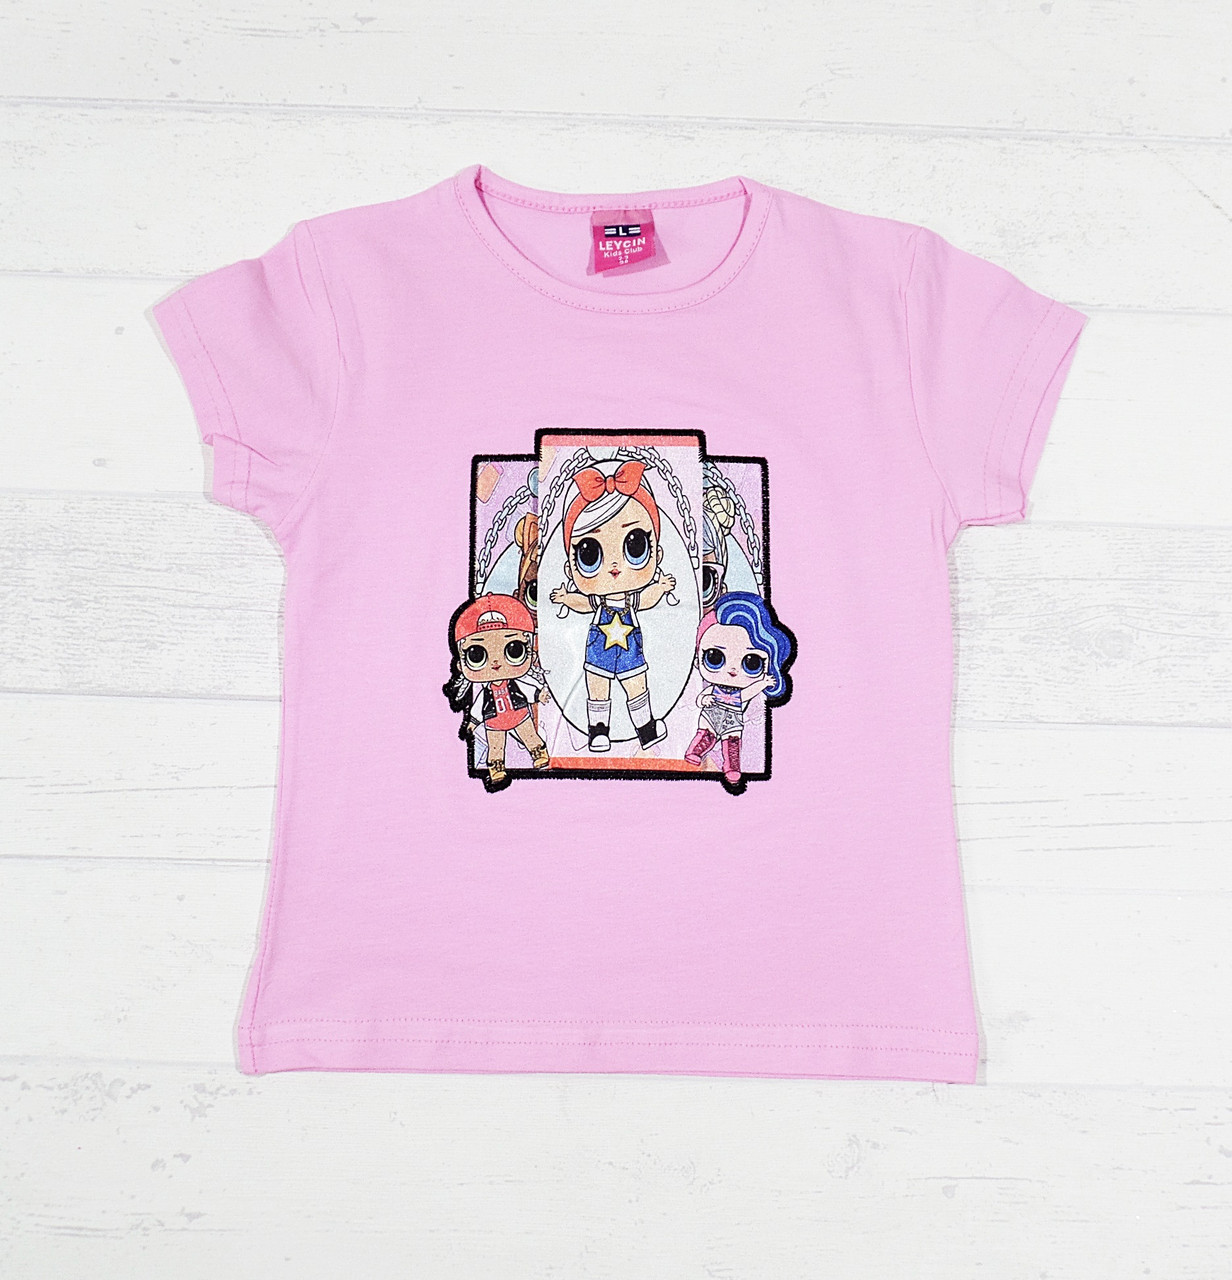 Детская футболка для девочек с куколками Лол 3,4,5,6,7 лет розовый